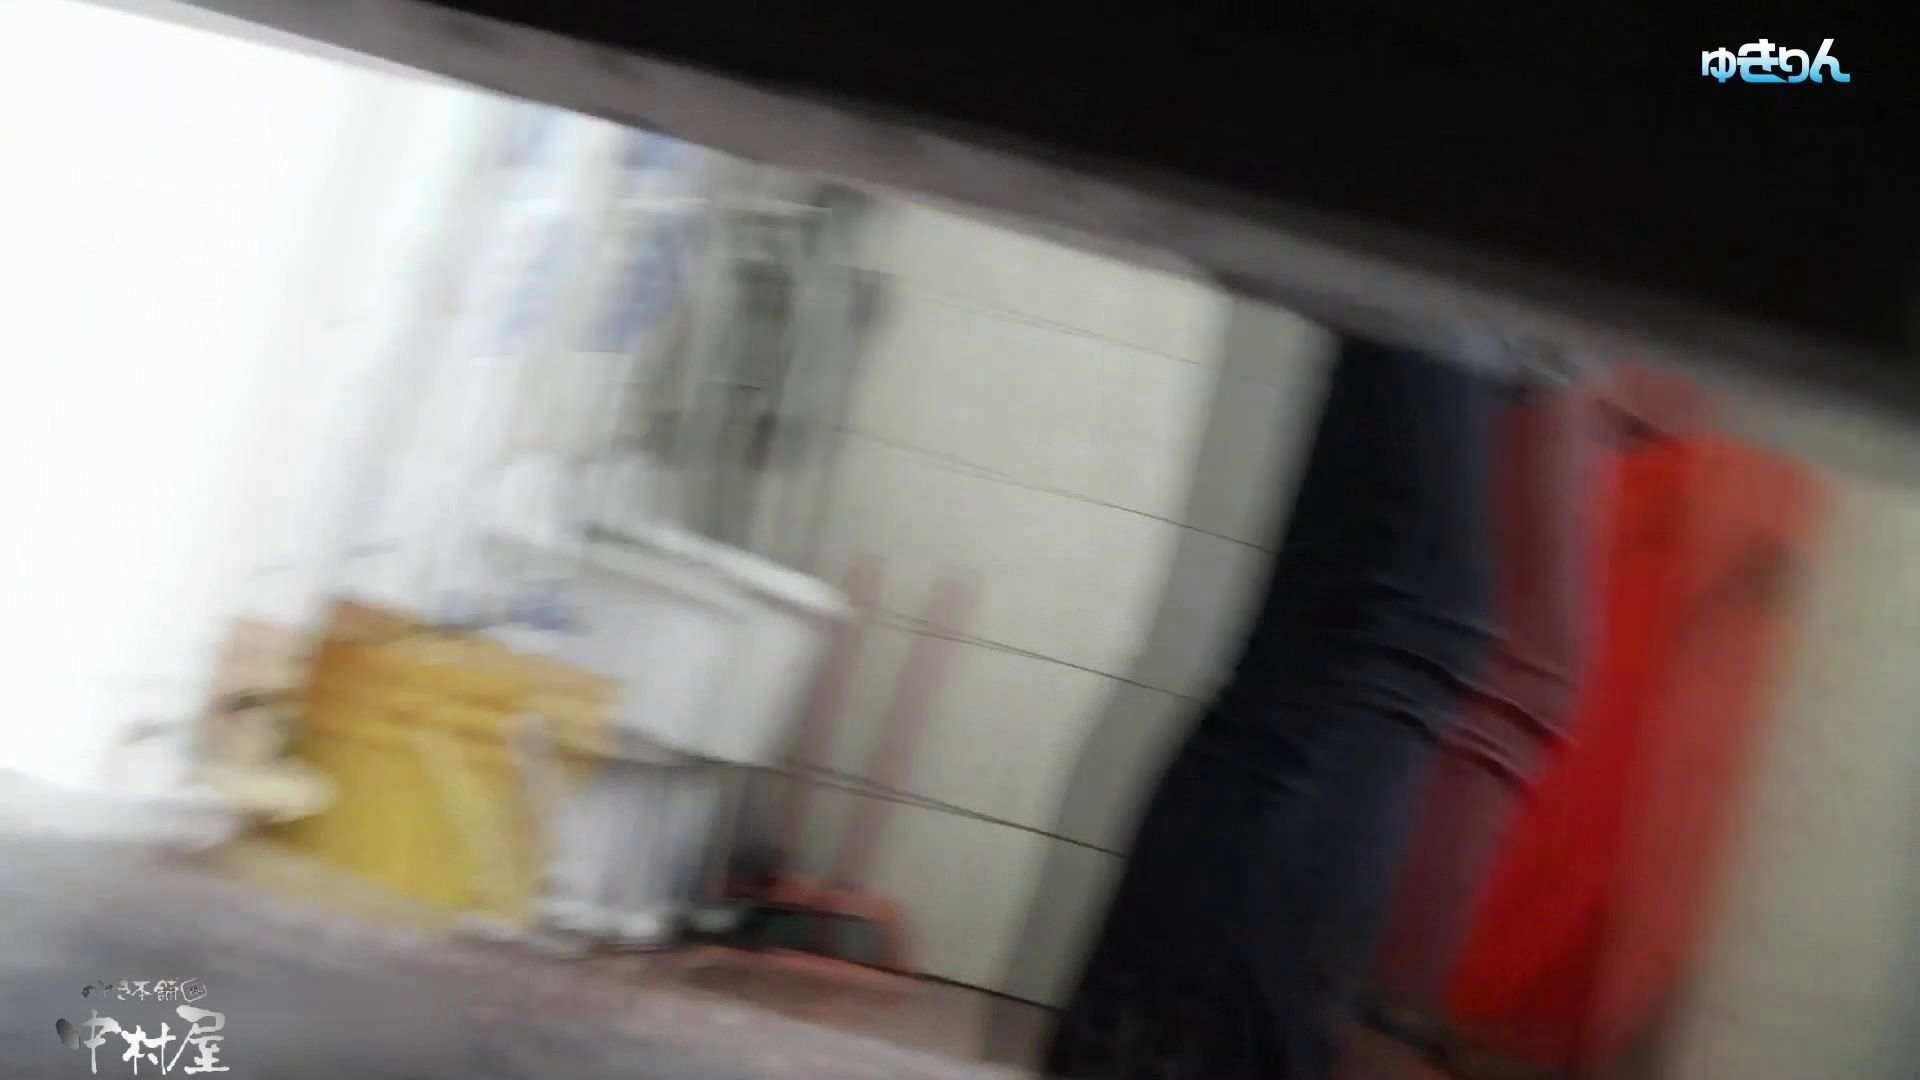 世界の射窓から~ステーション編 vol60 ユキリン粘着撮り!!今回はタイトなパンツが似合う美女 美女丸裸 | 美しいOLの裸体  100pic 51